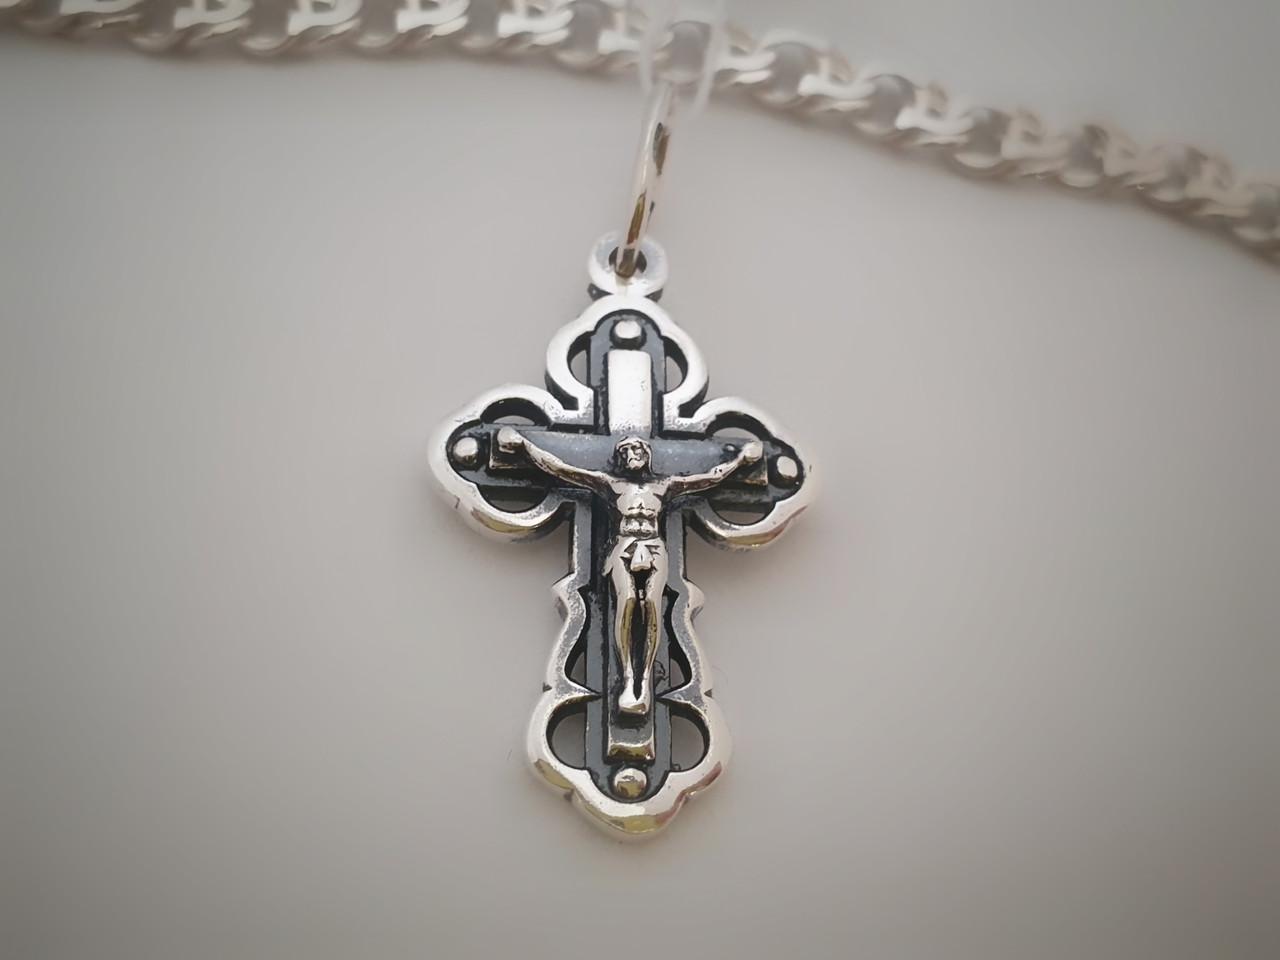 Серебряный православный крестик с распятием. Вес 3,6 гр. 925 проба